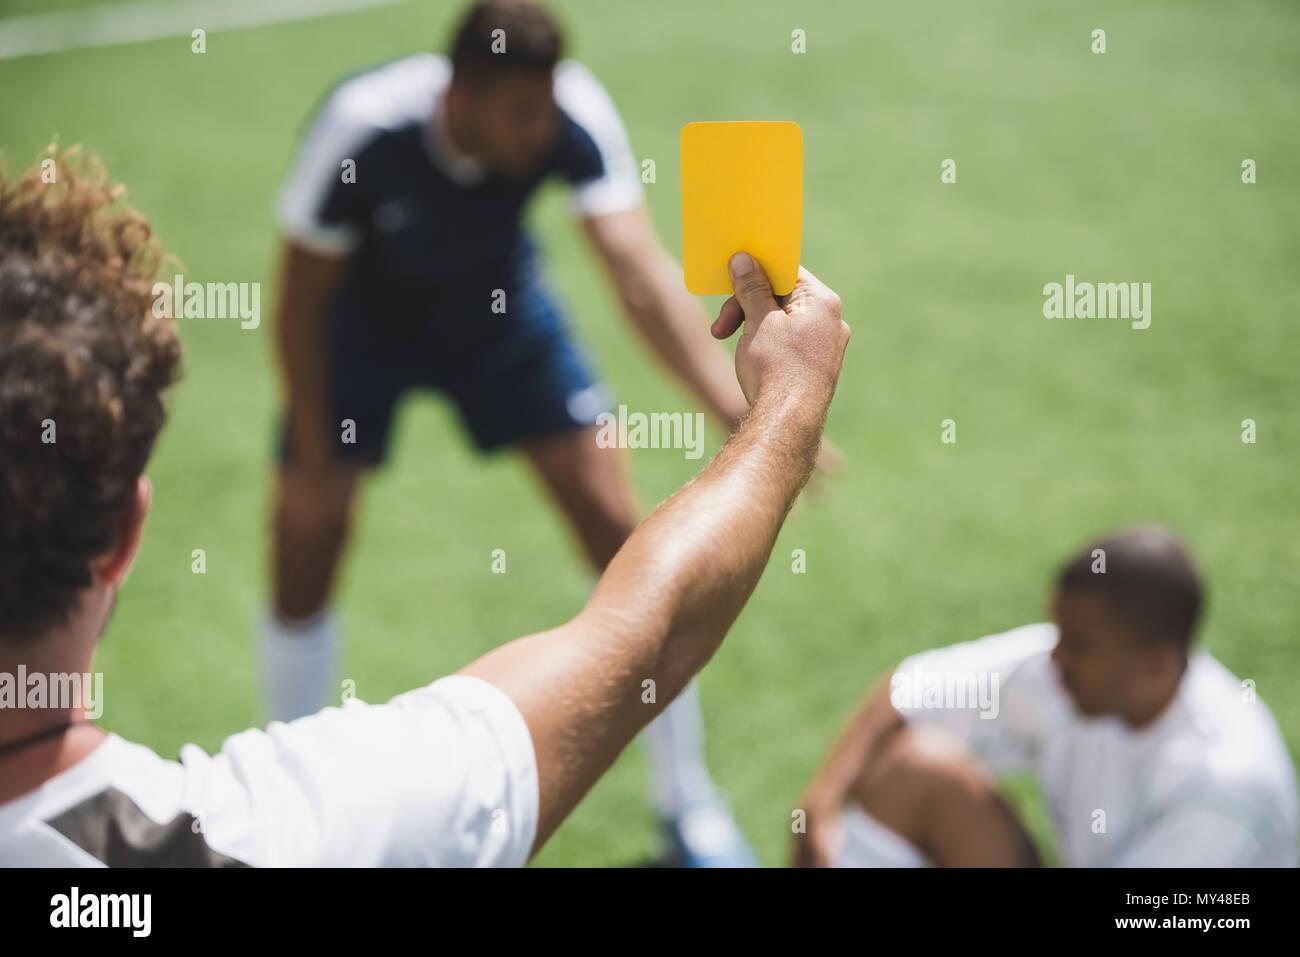 Ruckansicht Des Fussball Schiedsrichter Mit Gelb Rote Karte